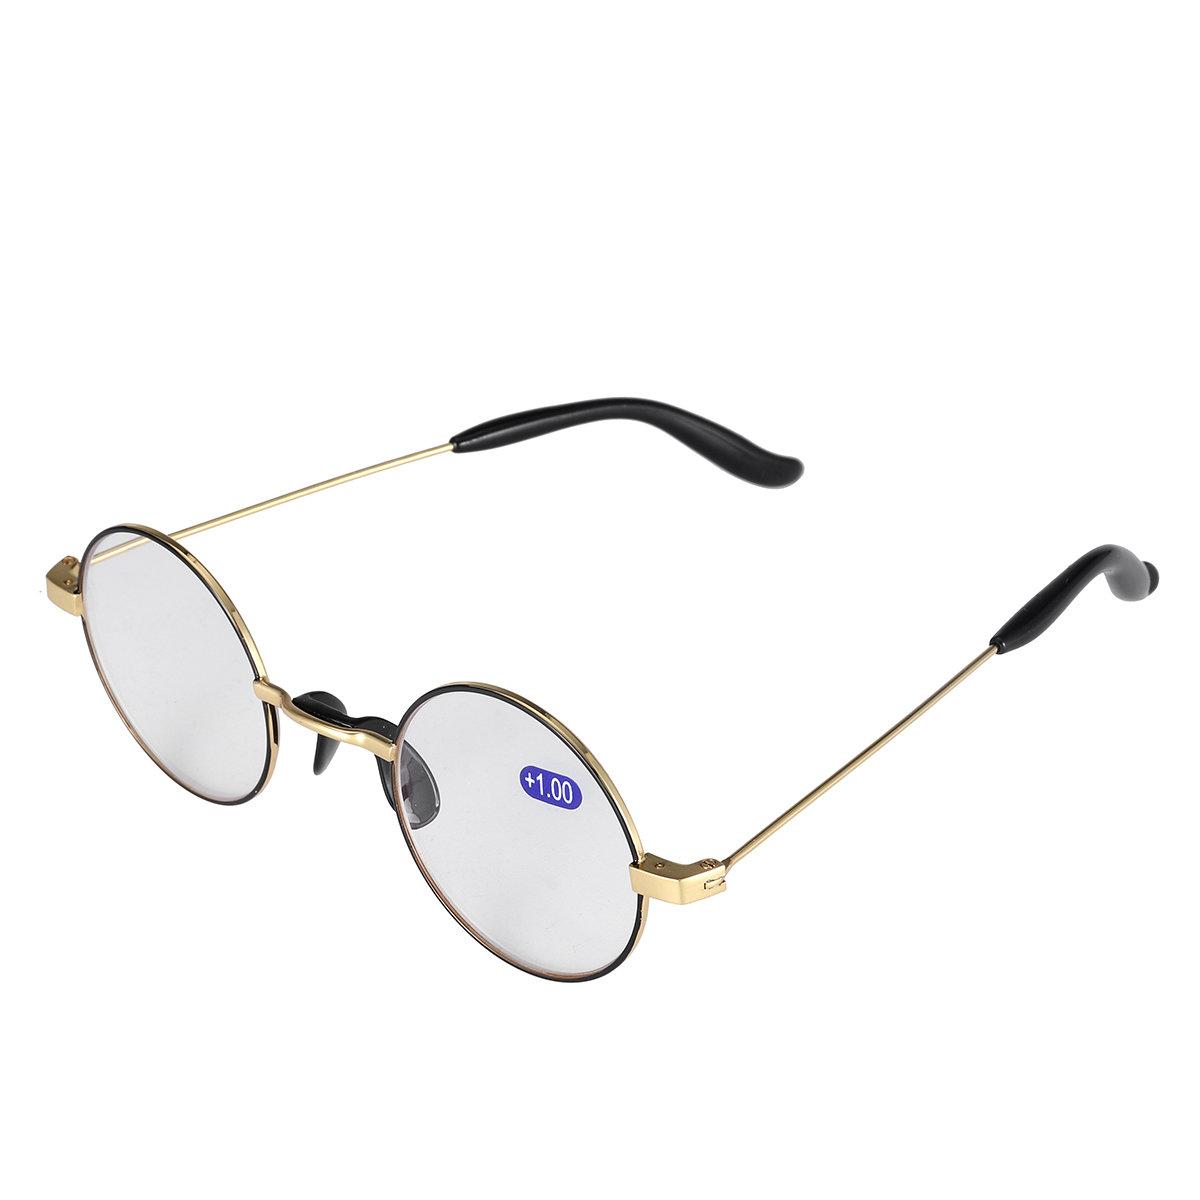 نظارات للقراءة بإطار دائري مضاد للنظارات الزرقاء للنساء والرجال نظارات الكمبيوتر